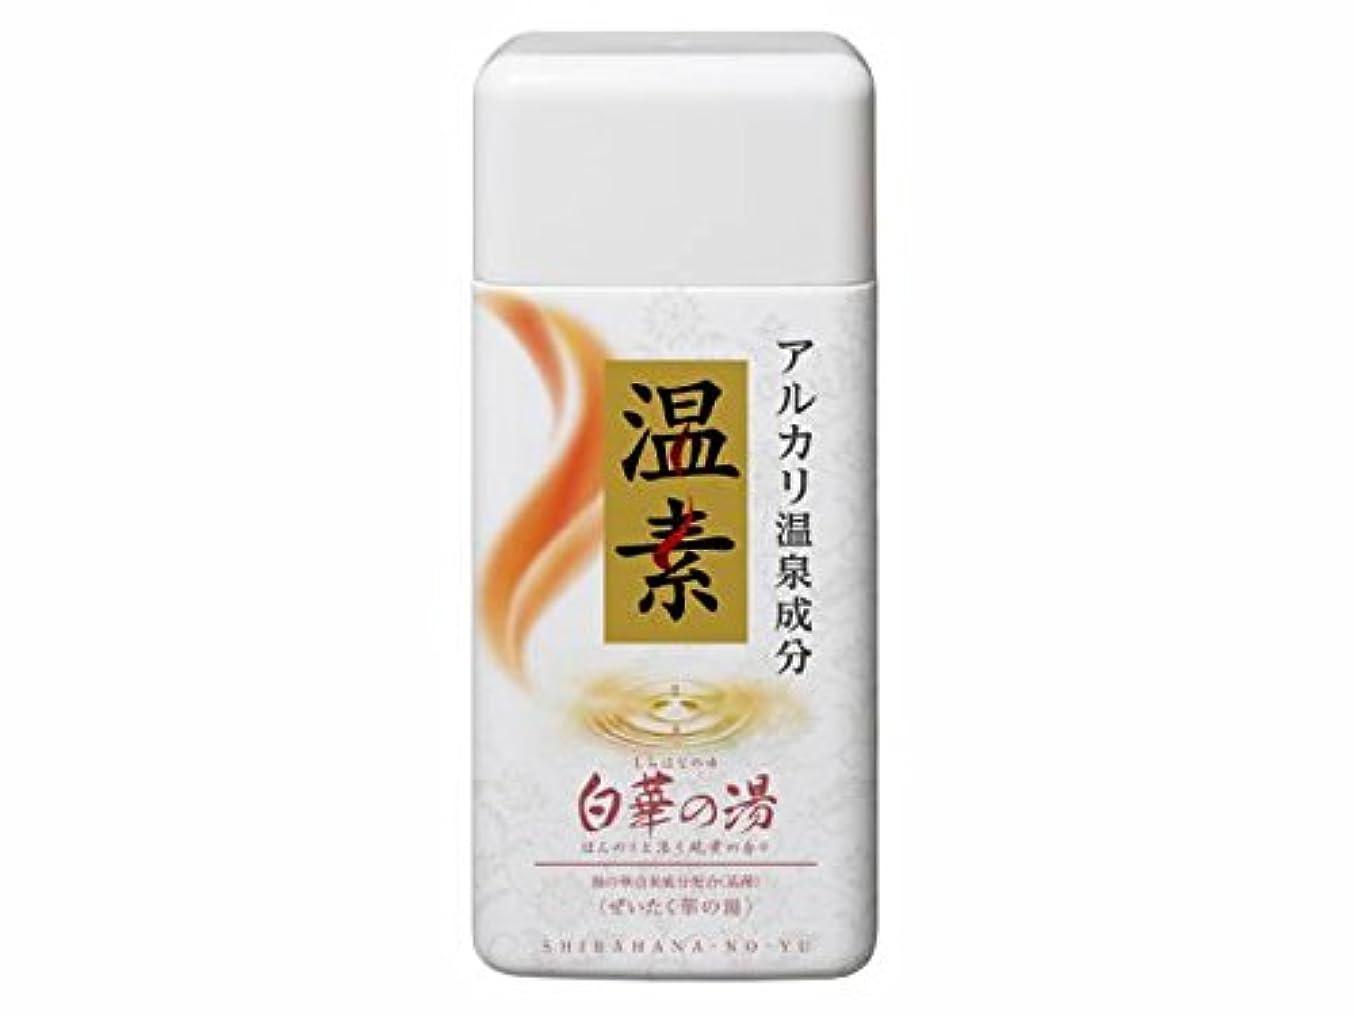 エクスタシー天文学もっとアース製薬 温素 白華の湯 600g×16点セット  医薬部外品 白く輝くなめらかな「硫黄の湯」の極上の湯ざわりを追求した入浴剤